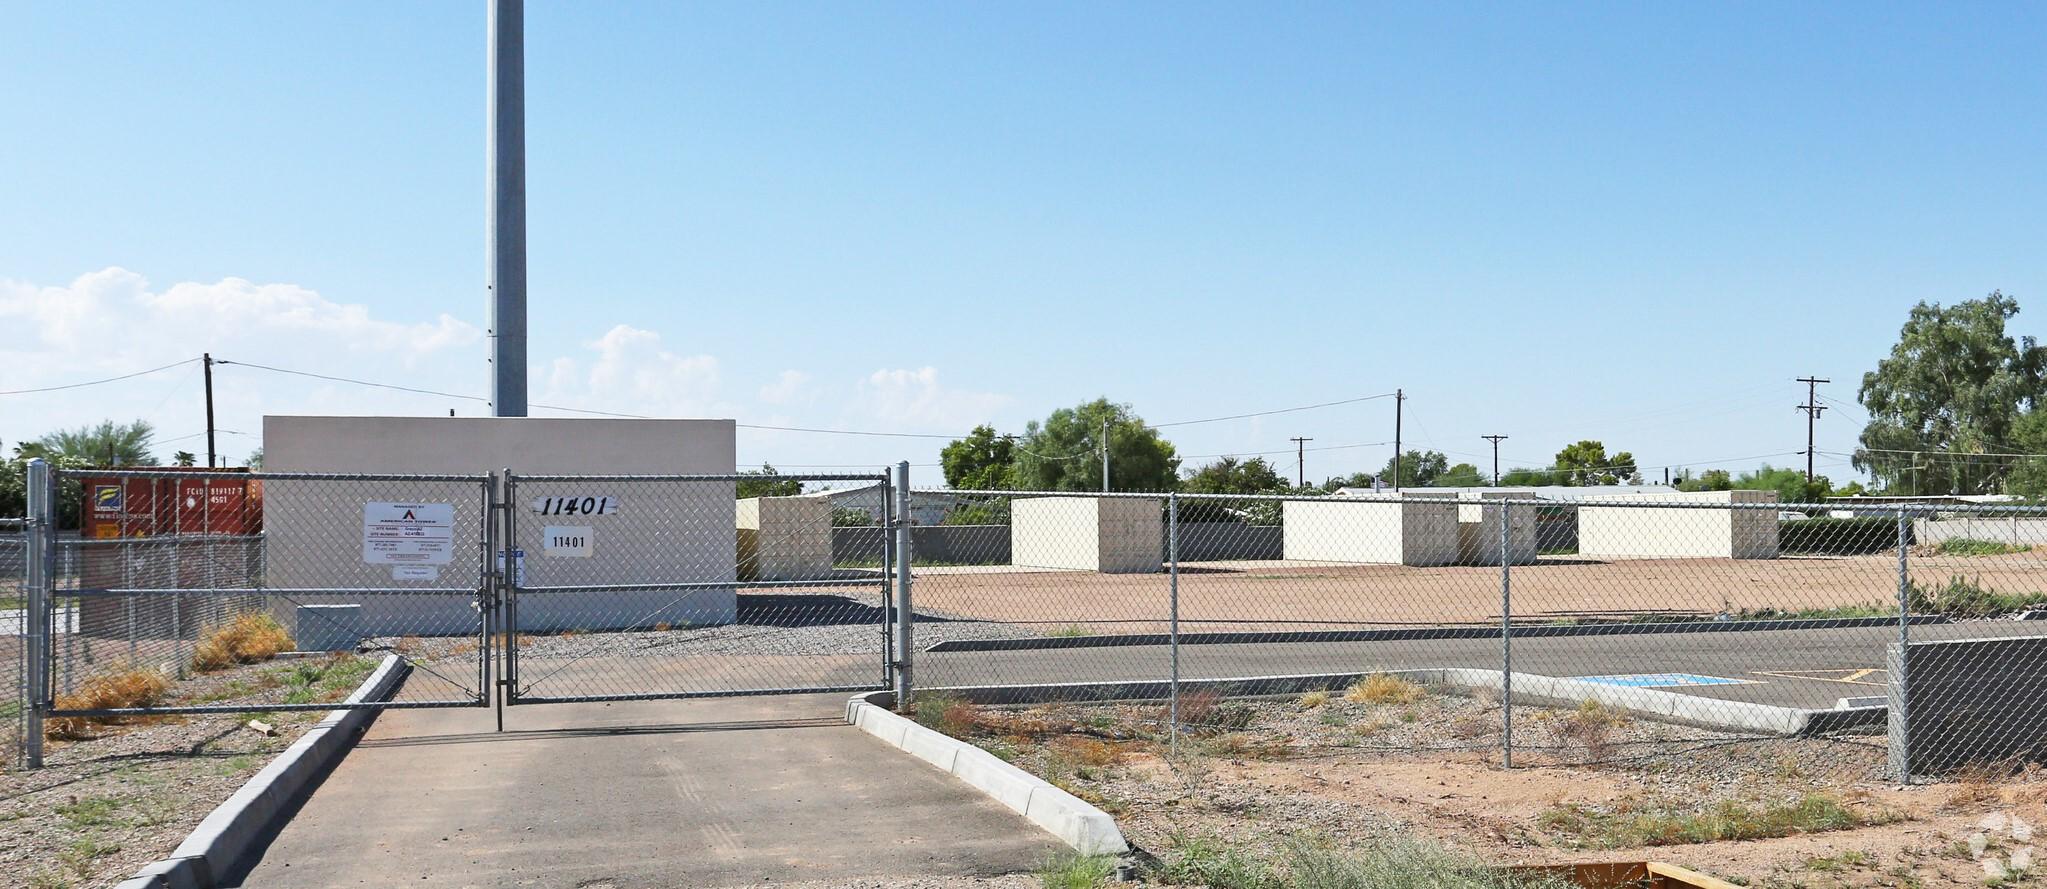 11401 E Apache Trl, Apache Junction AZ 85120 Industrial Building